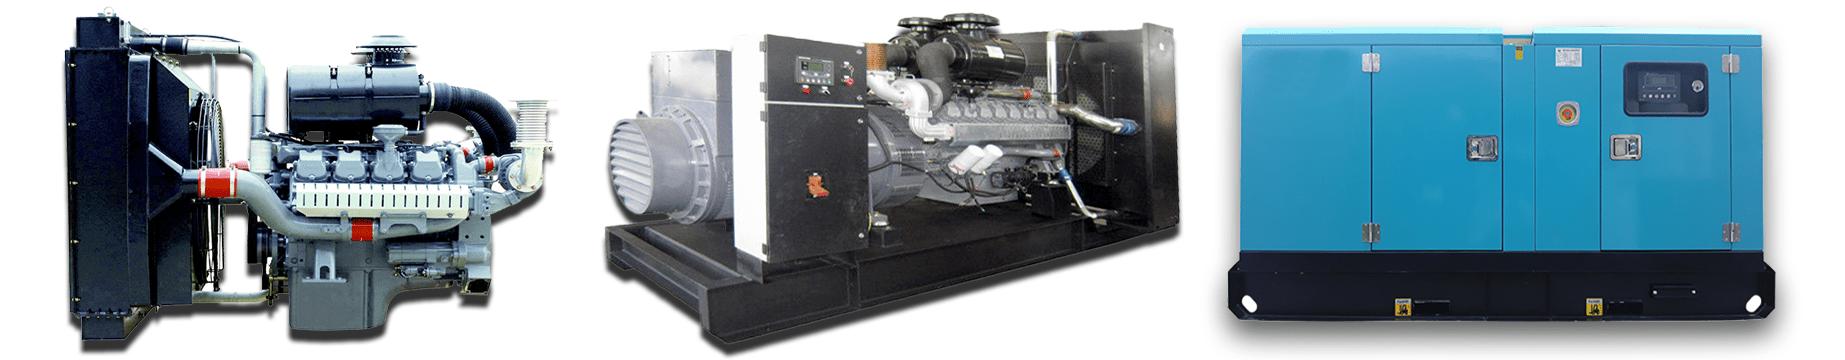 Máy phát điện VMAN - Động cơ SX theo công nghệ Man-Đức